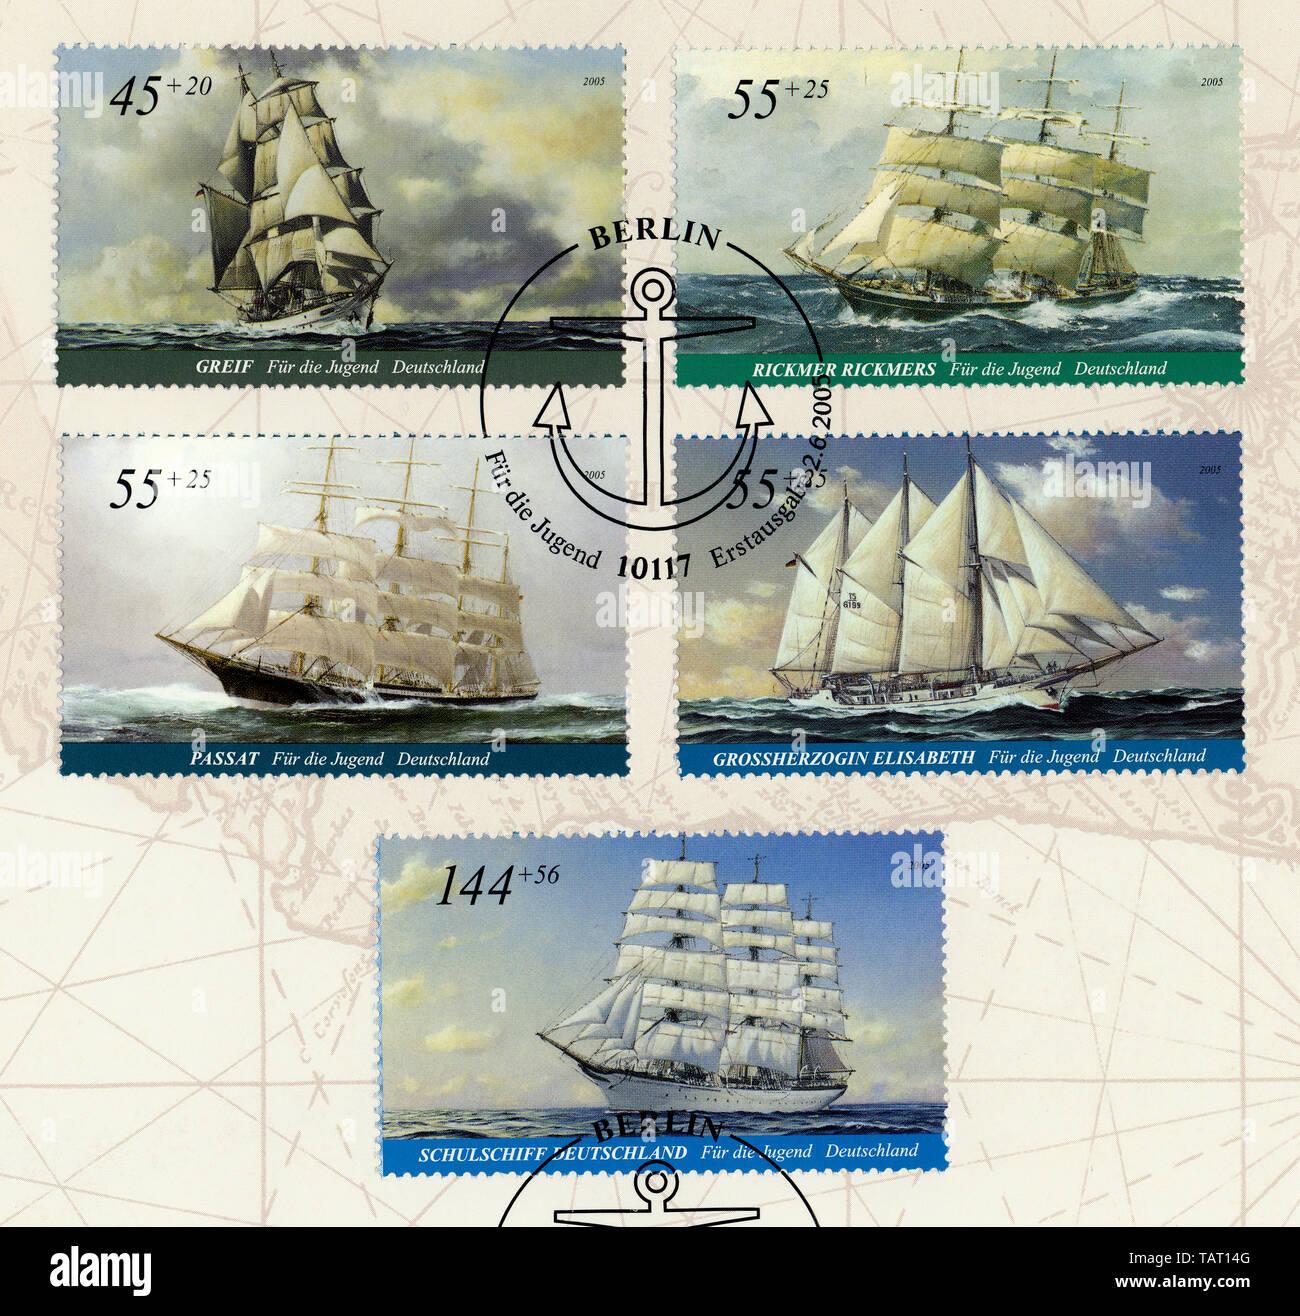 Historic postage stamps, Deutsche Briefmarken, Wohlfahrtsmarken von 2006, Großsegler, Greif, Passat, Rickmer Rickmers, Schulschiff Deutschland, Großherzogin Elisabeth - Stock Image